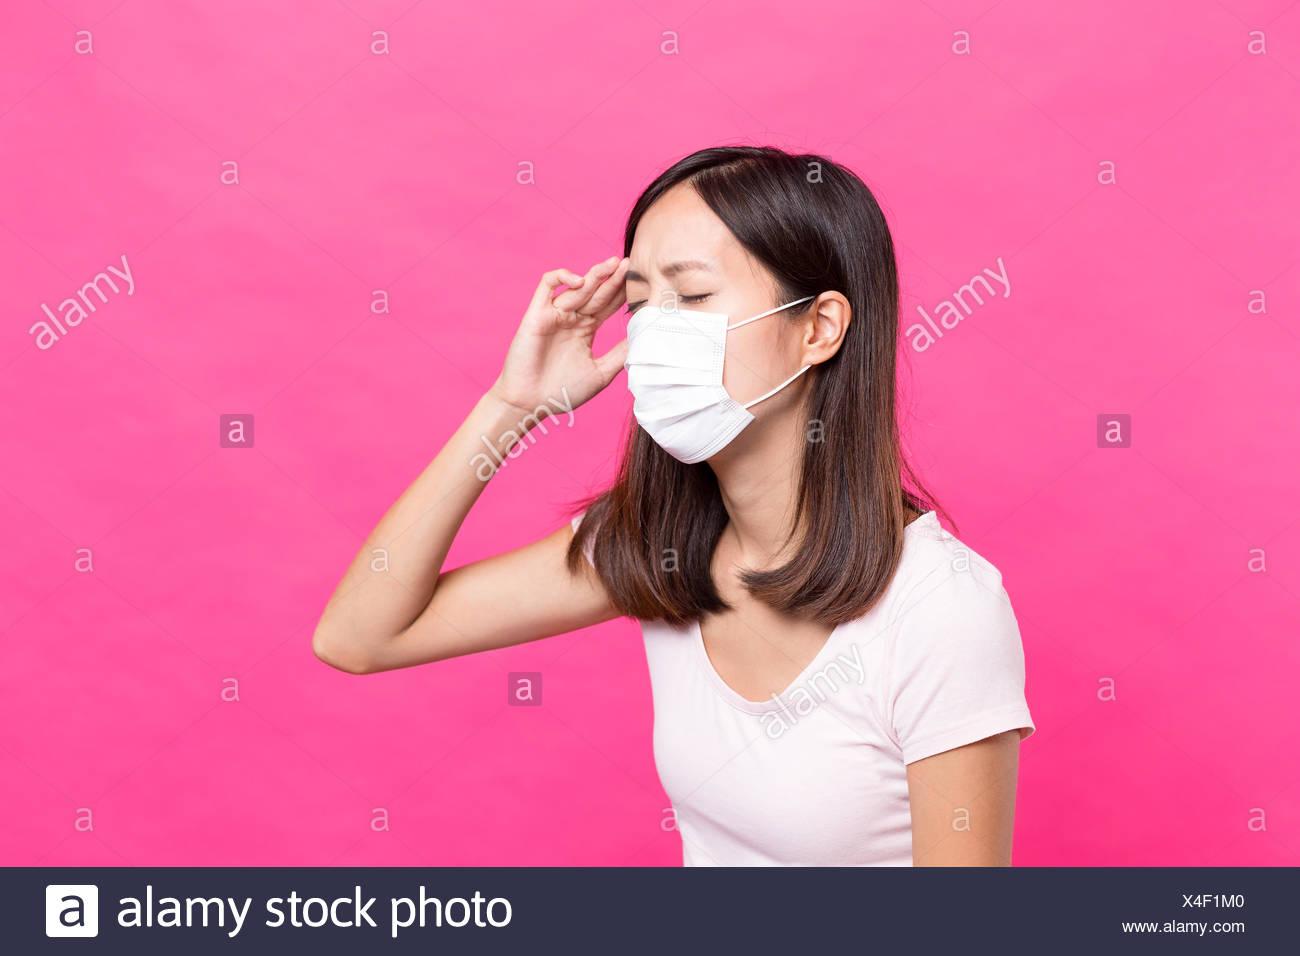 Sad Woman Wearing Face Mask Stock Photos & Sad Woman Wearing Face